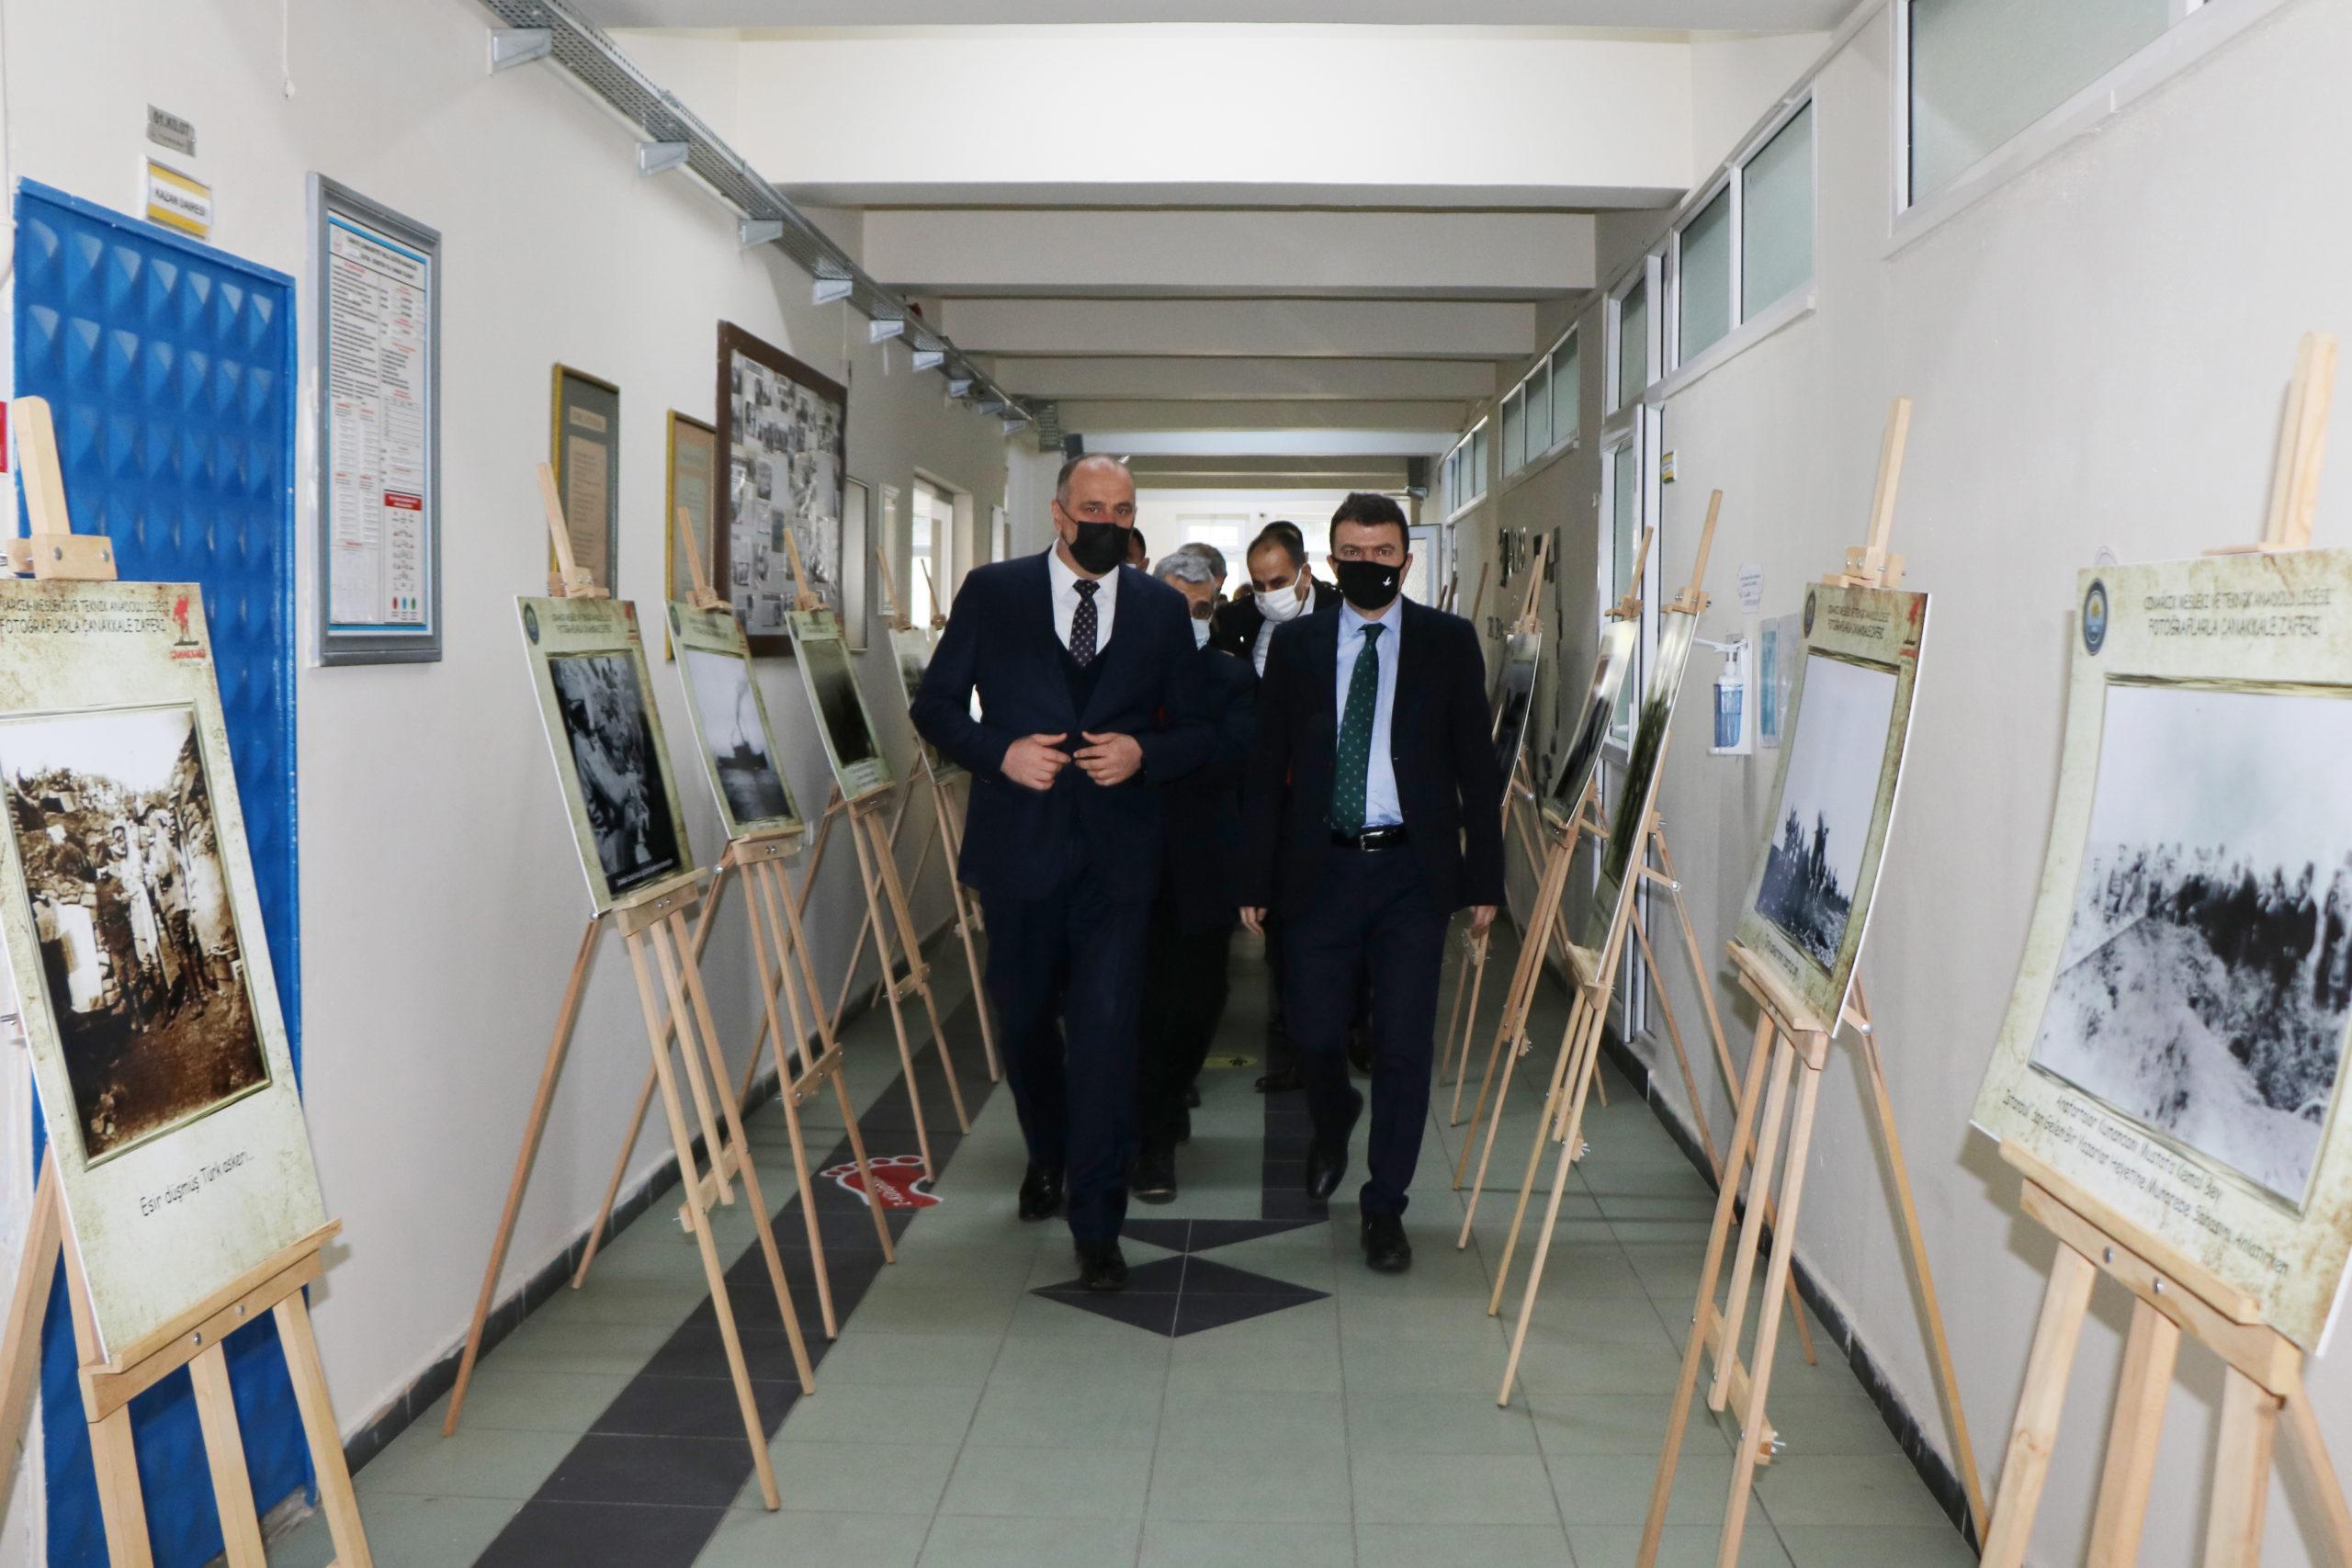 Çınarcık'ta '106. Yılında Fotoğraflarla Çanakkale Sergisi' Açıldı